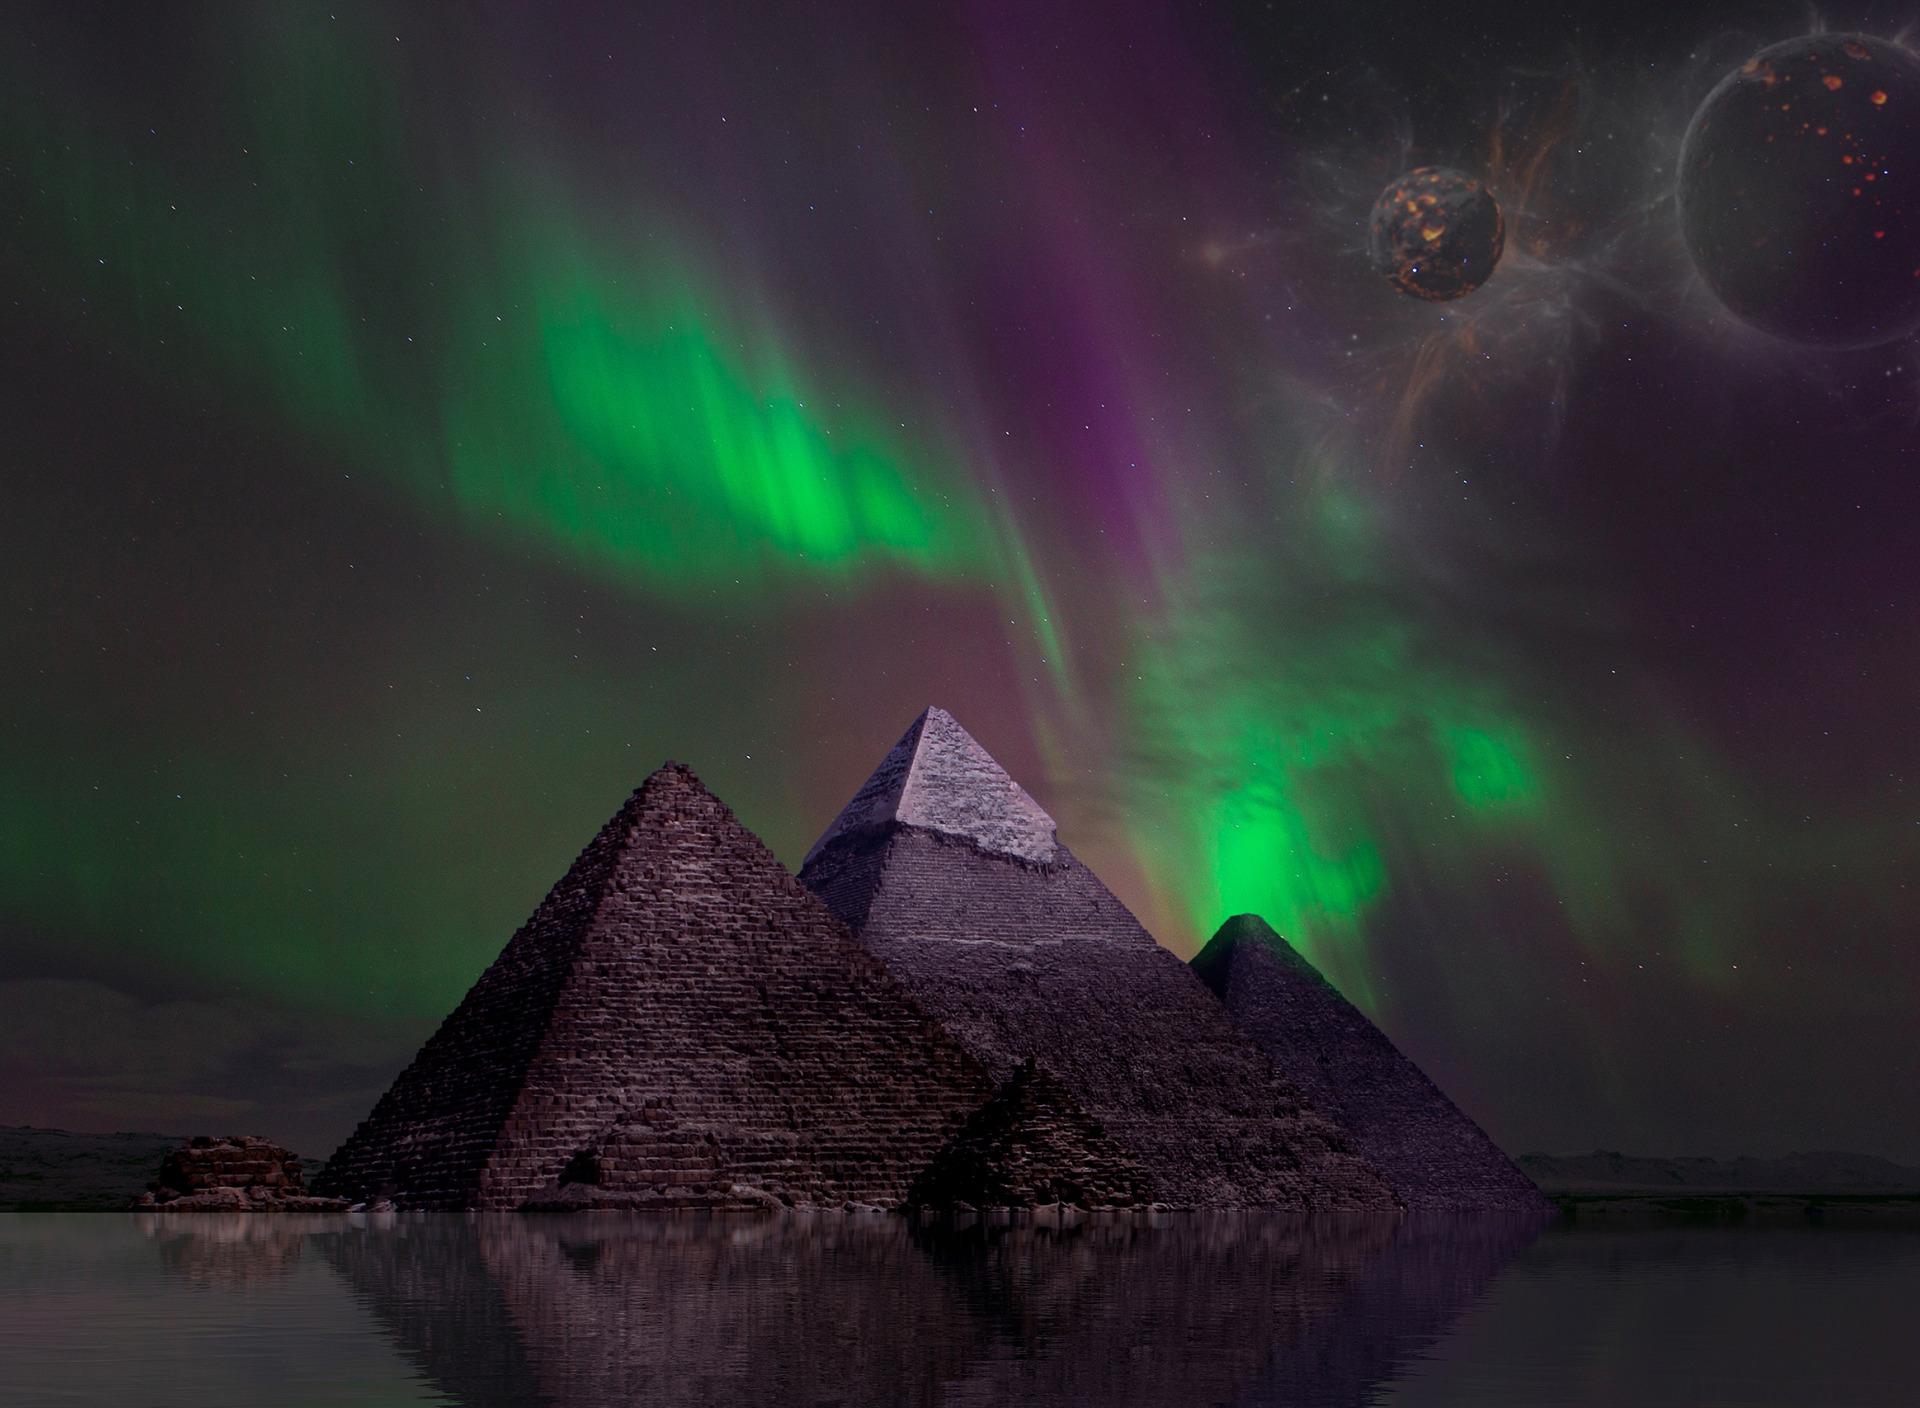 фестивале, пирамиды и космос картинки морщины портят